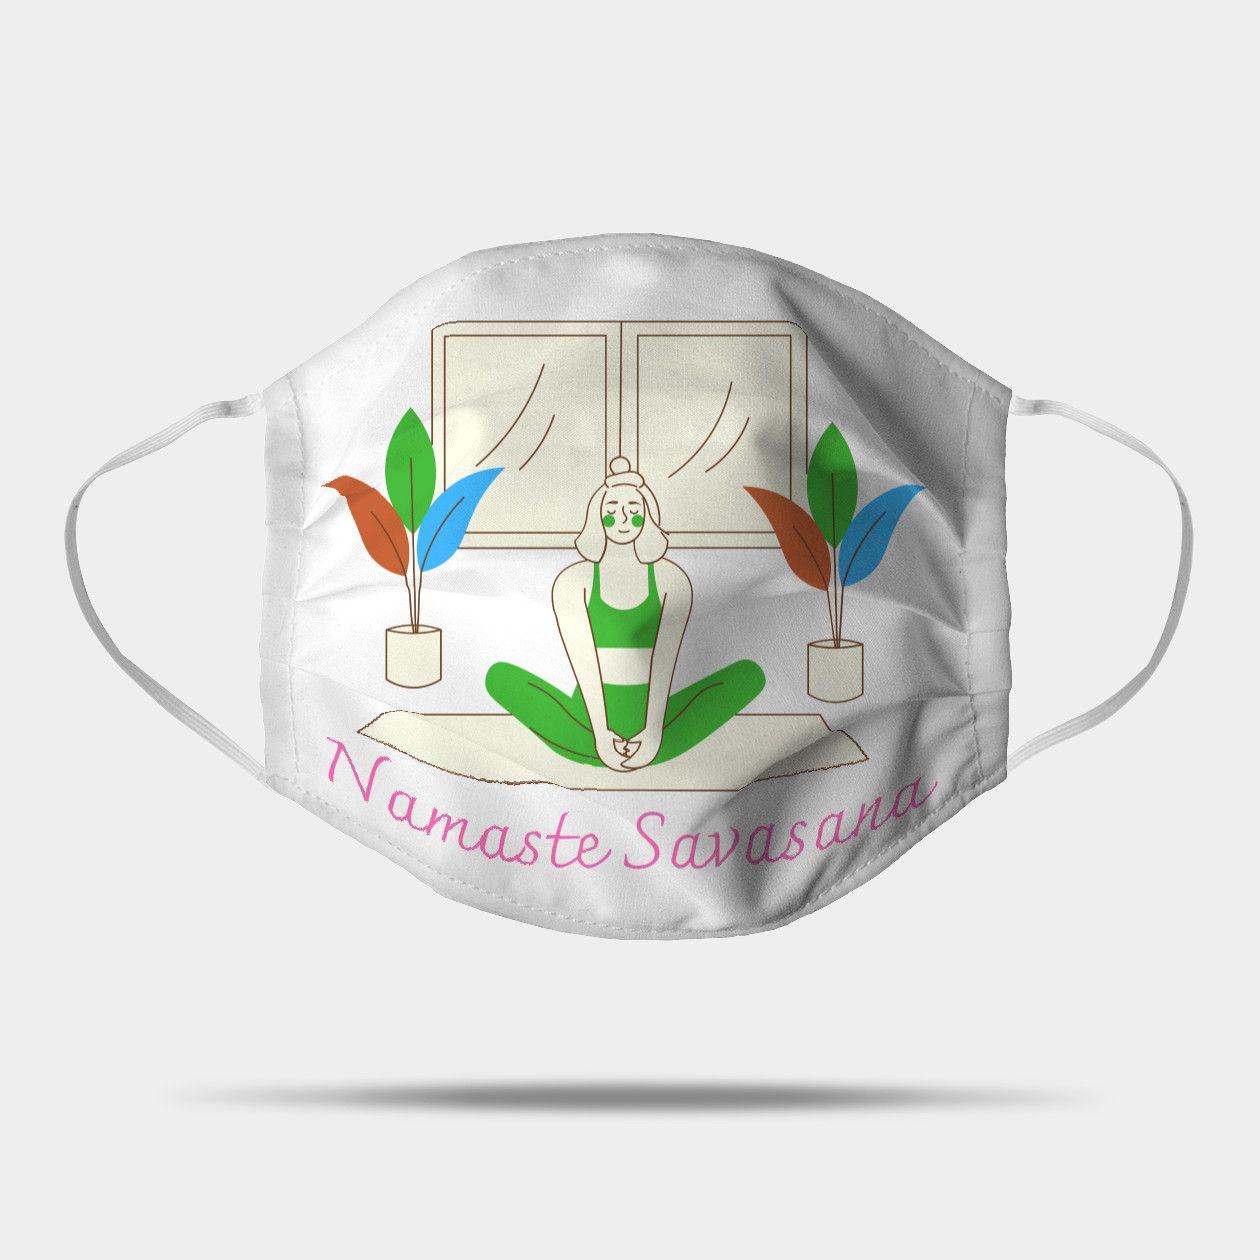 Namaste Savasana Face Mask in 50   Savasana, Namaste, Face mask